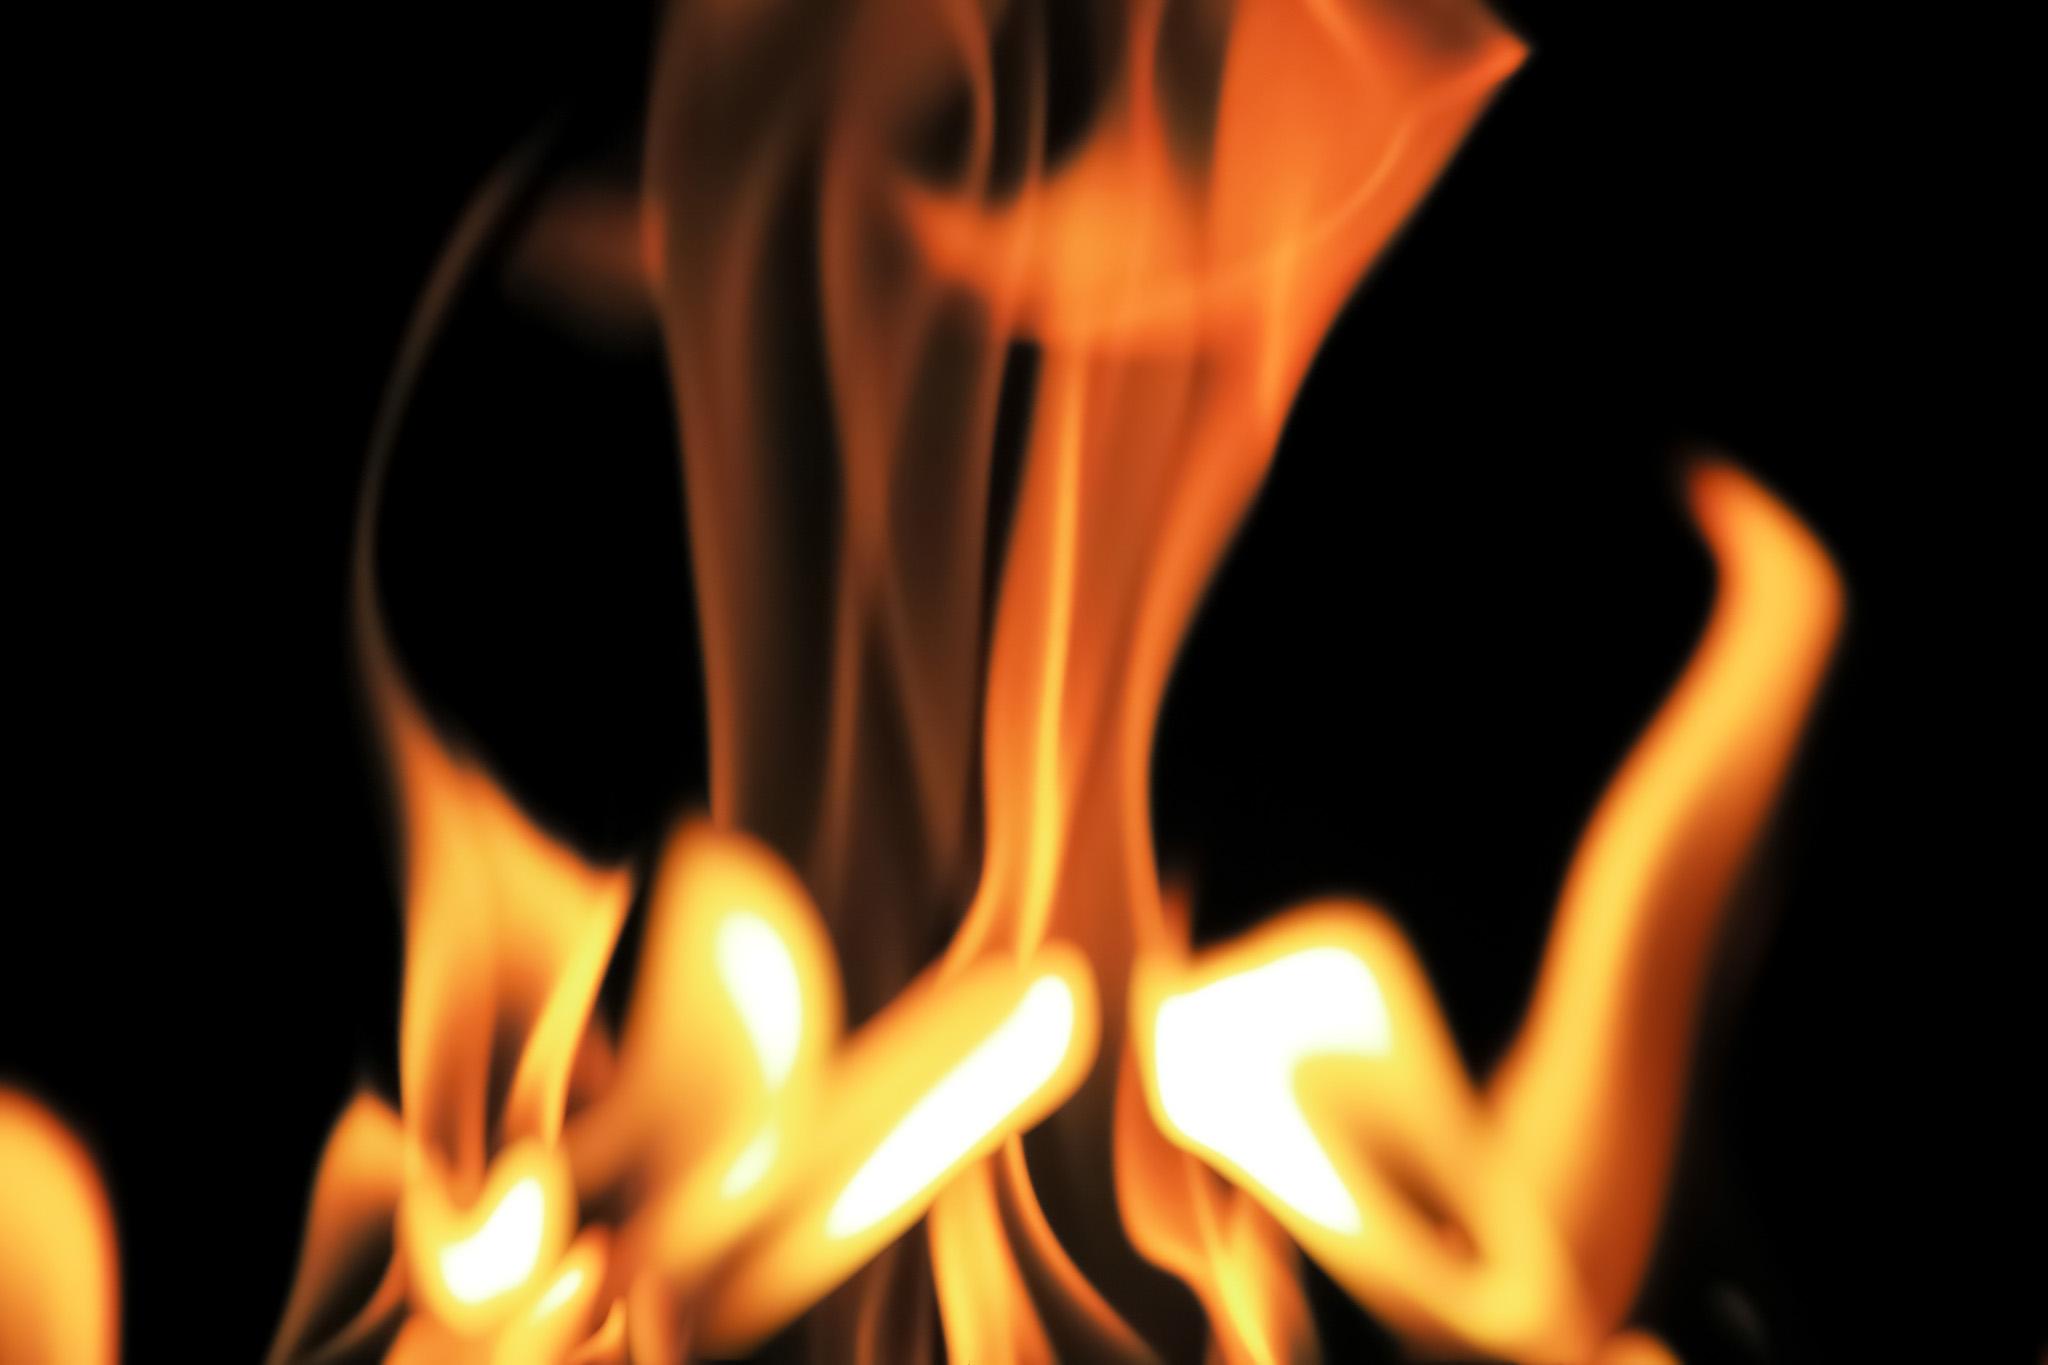 「粘るよう揺れ立つ炎」